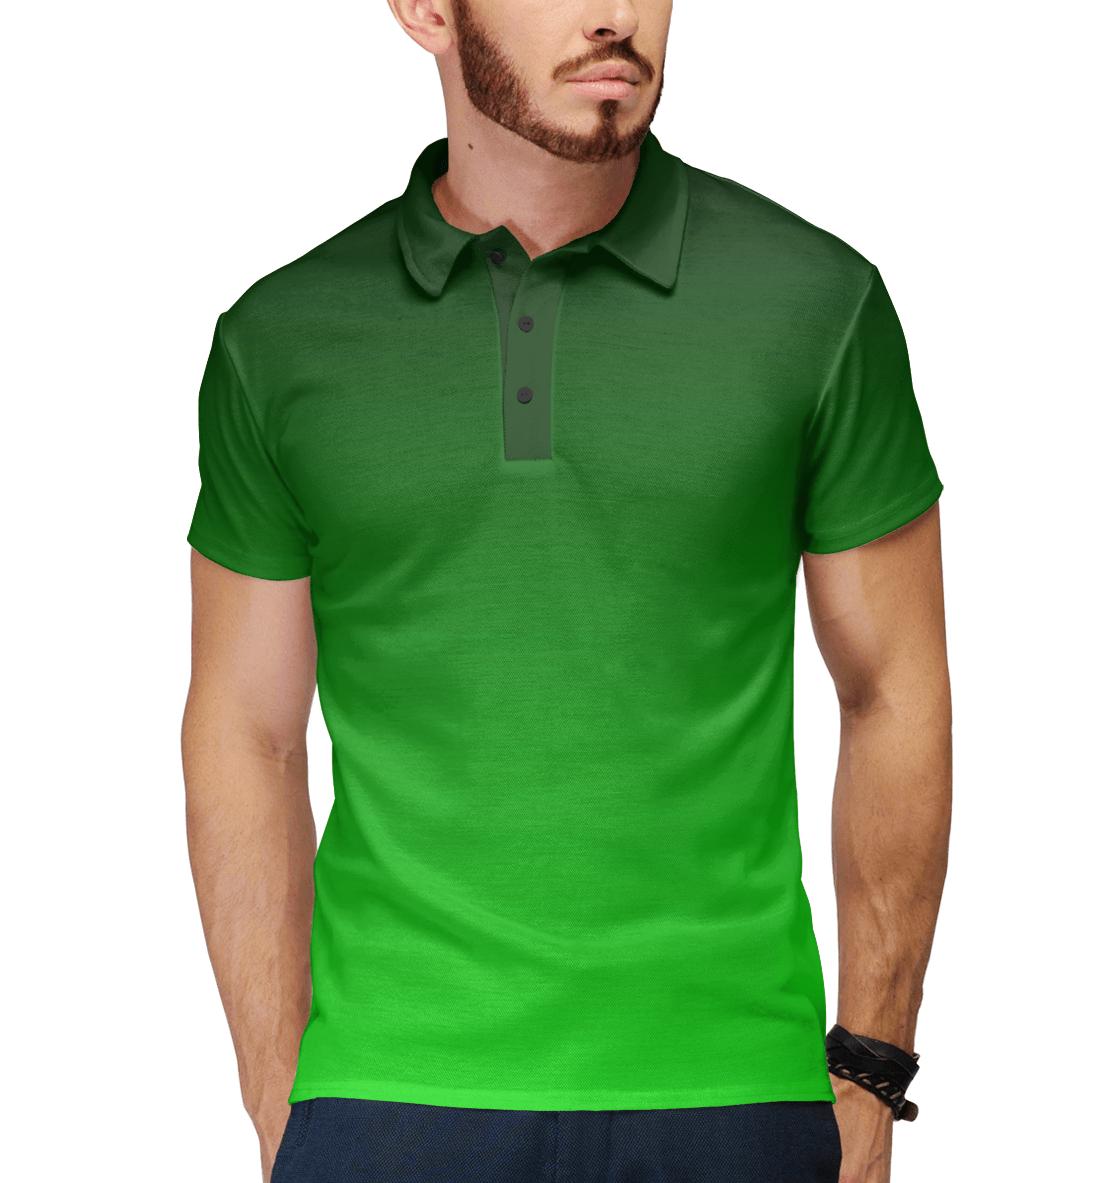 Купить Градиент Зеленый в Черный, Printbar, Поло, CLR-327769-pol-2